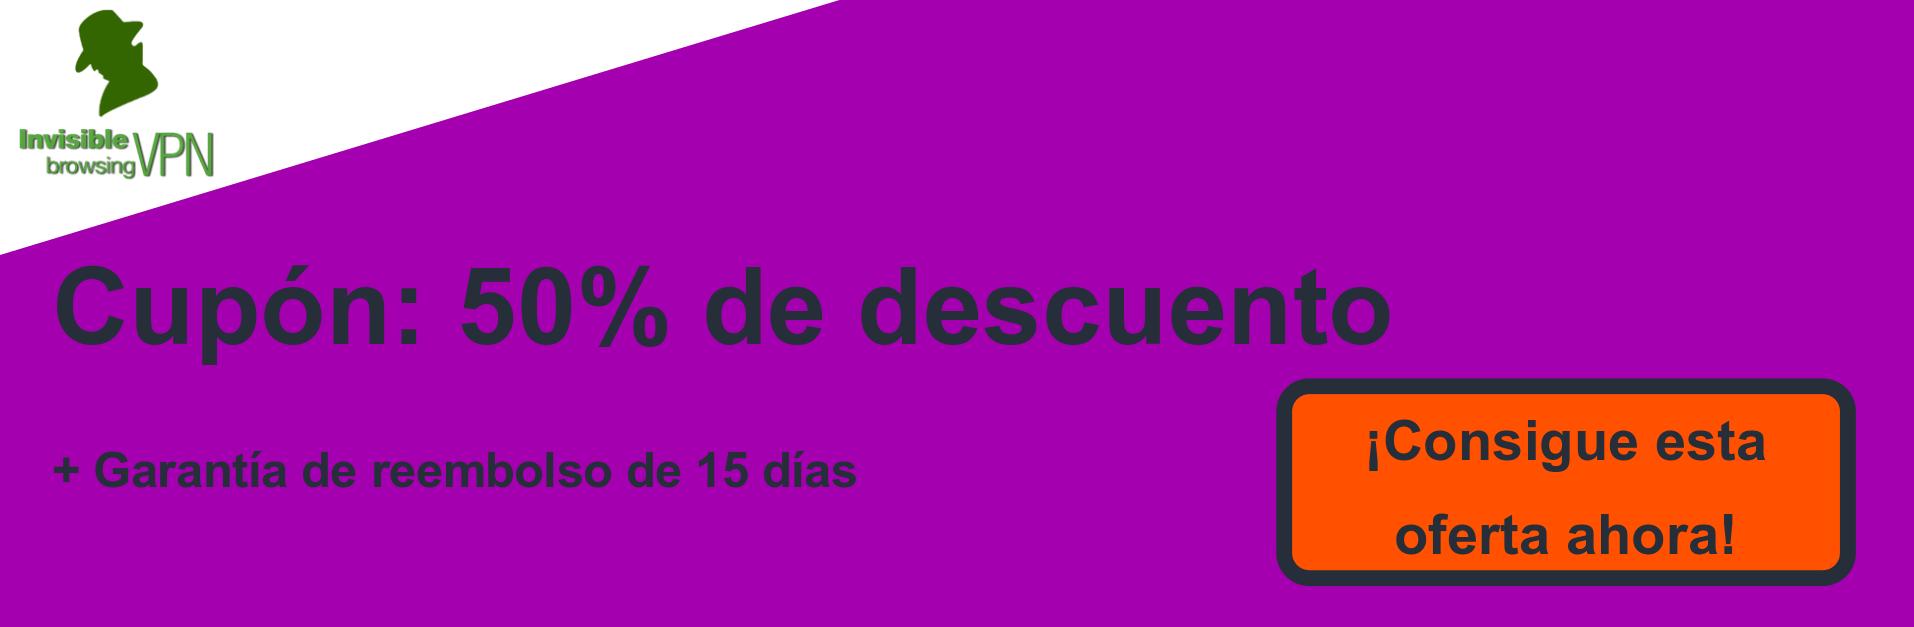 Banner de cupón ibVPN: 50% de descuento